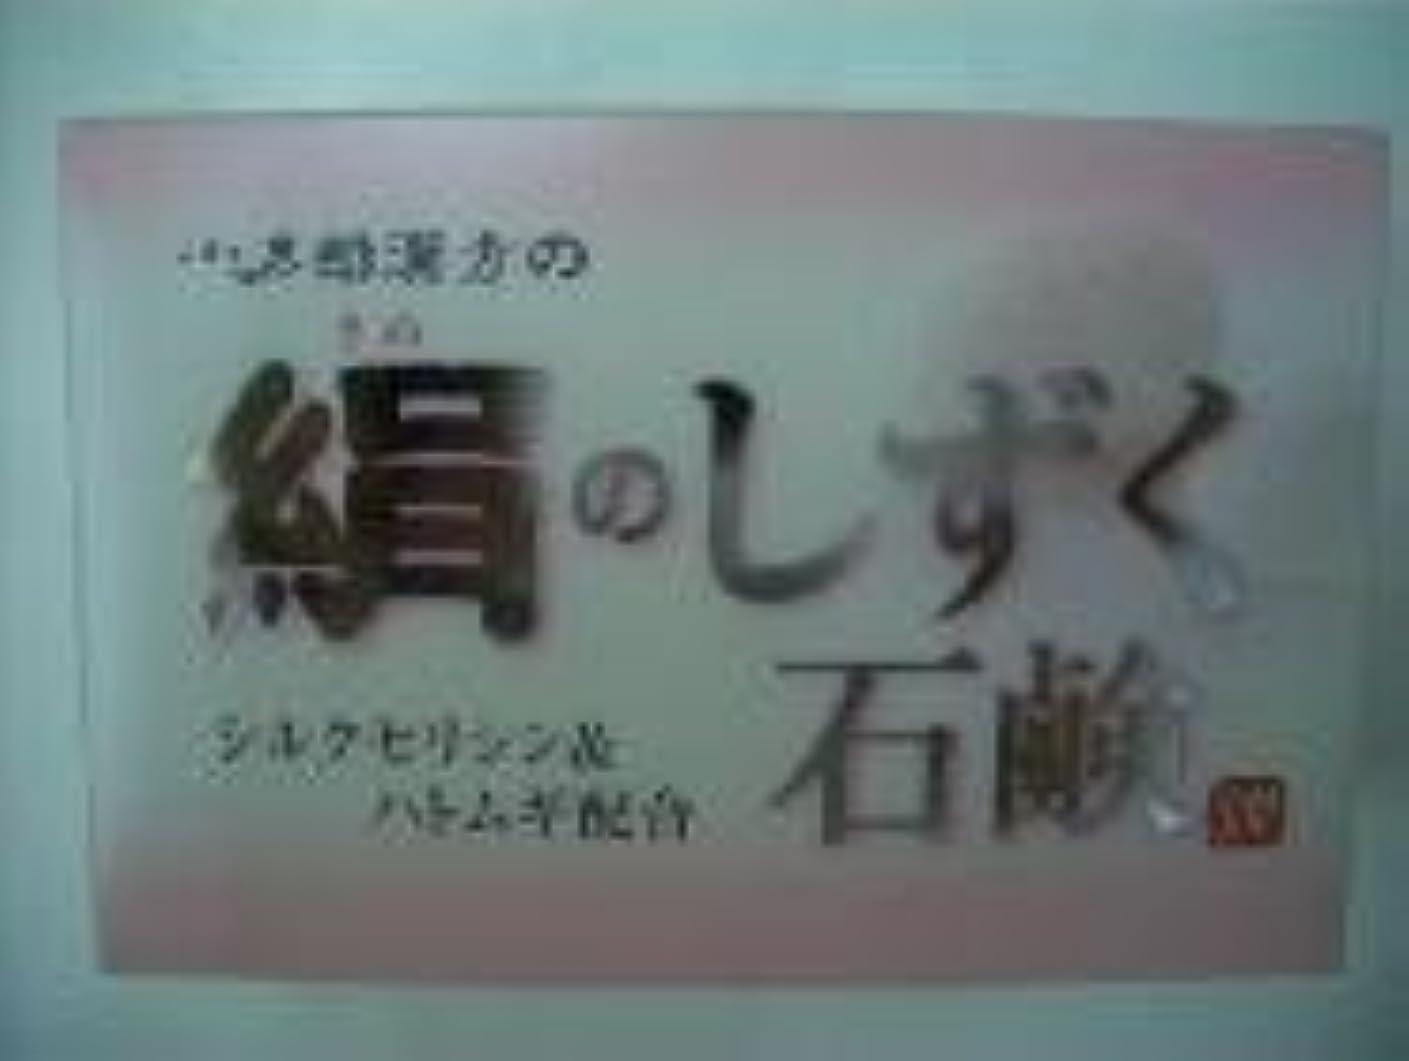 多年生企業噴火絹のしずく石鹸 コタロー80g4個